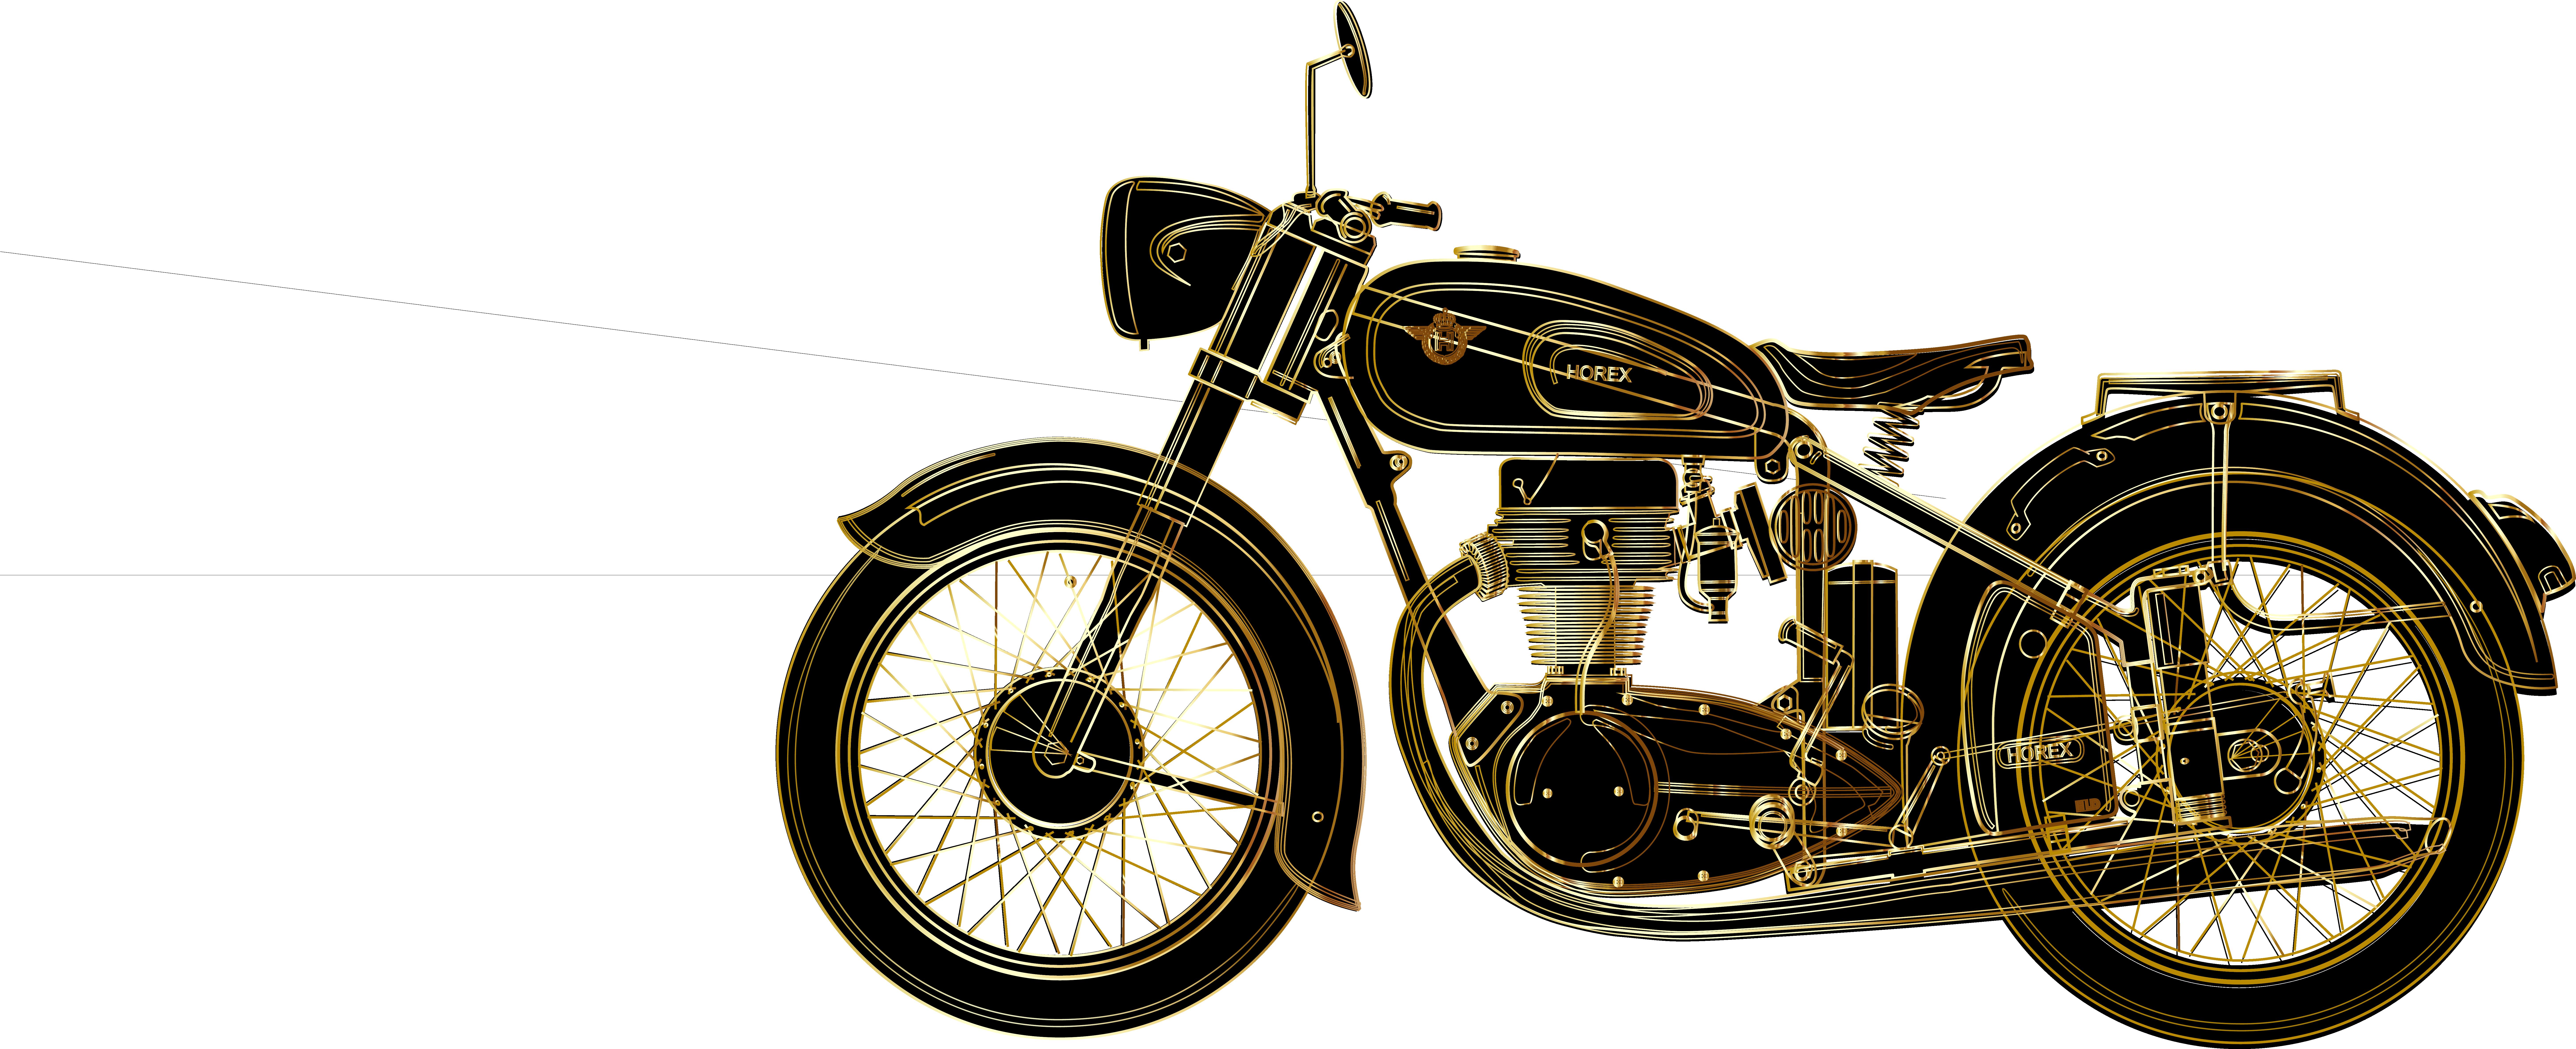 Motocicletas Chopper dorada con negro